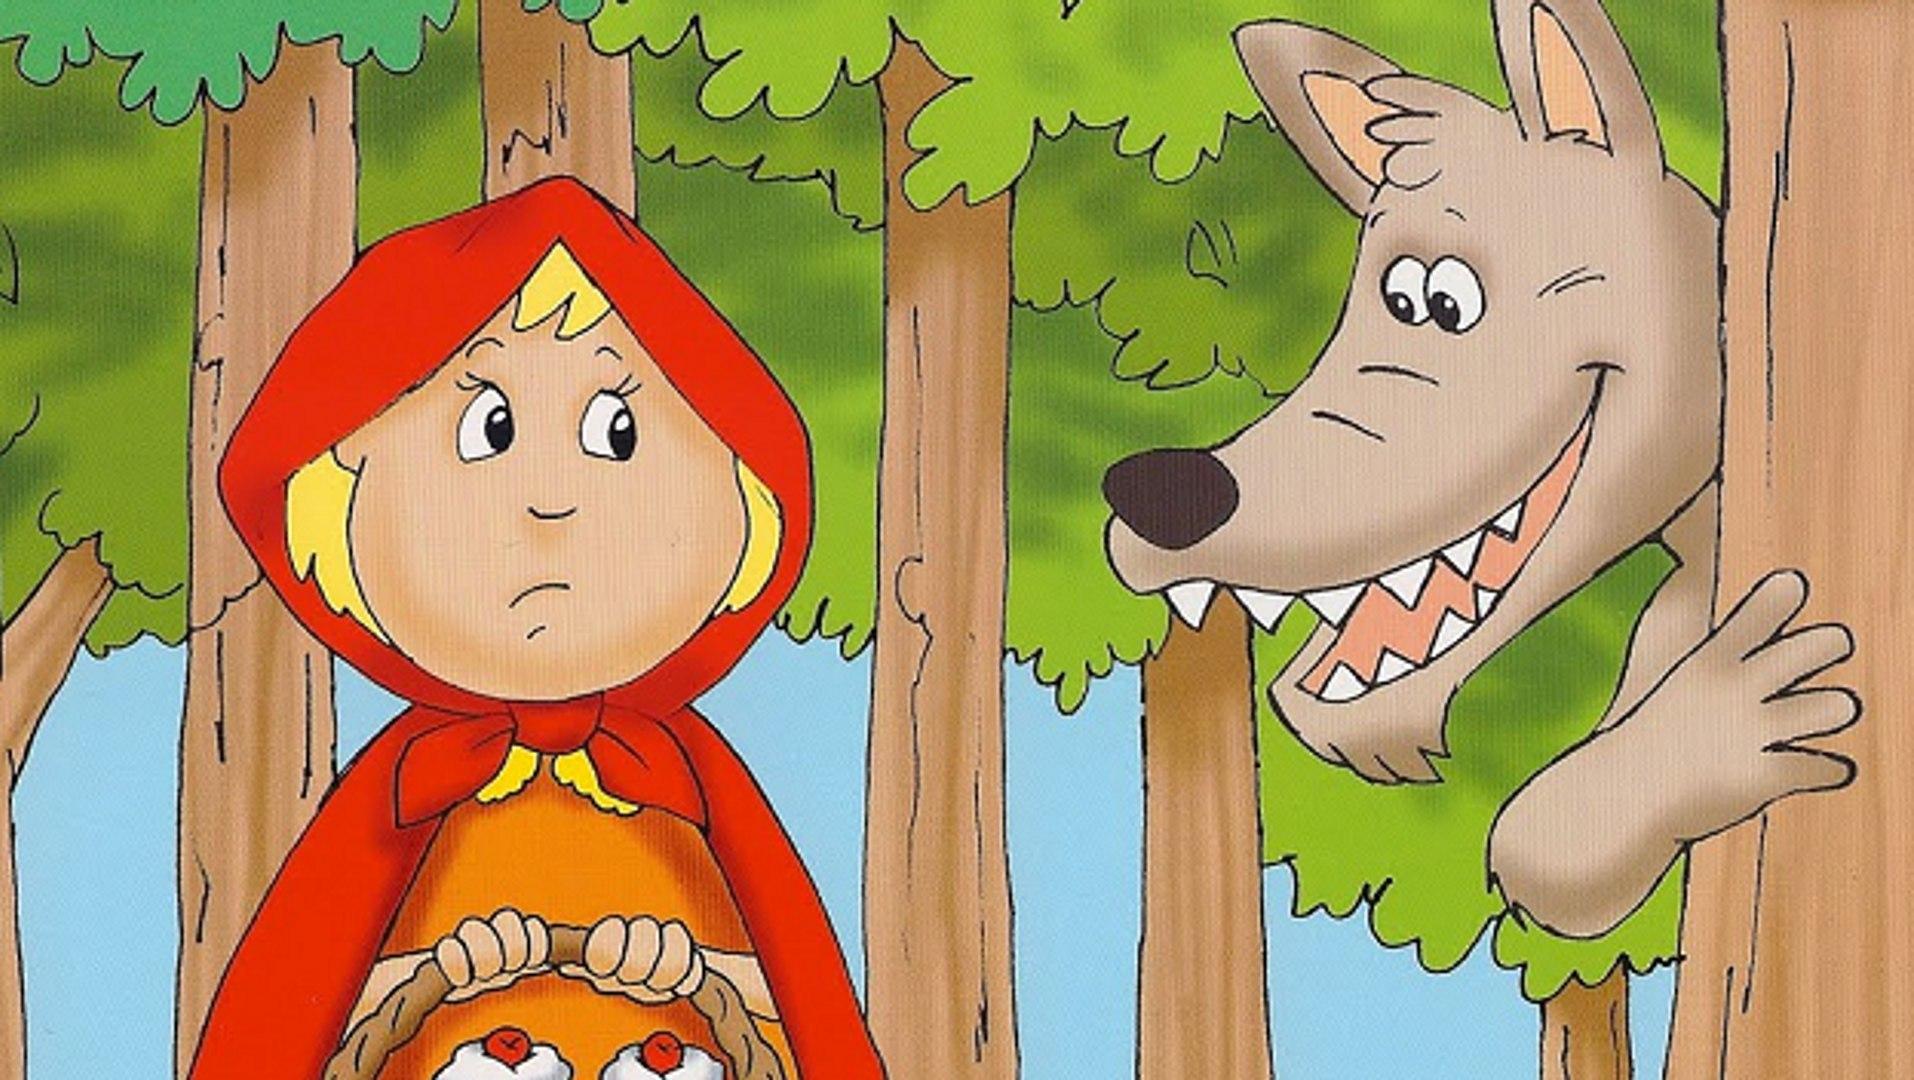 Caperucita Roja Y El Lobo Feroz Pelicula Completa Dibujos Animados En Español Vídeo Dailymotion